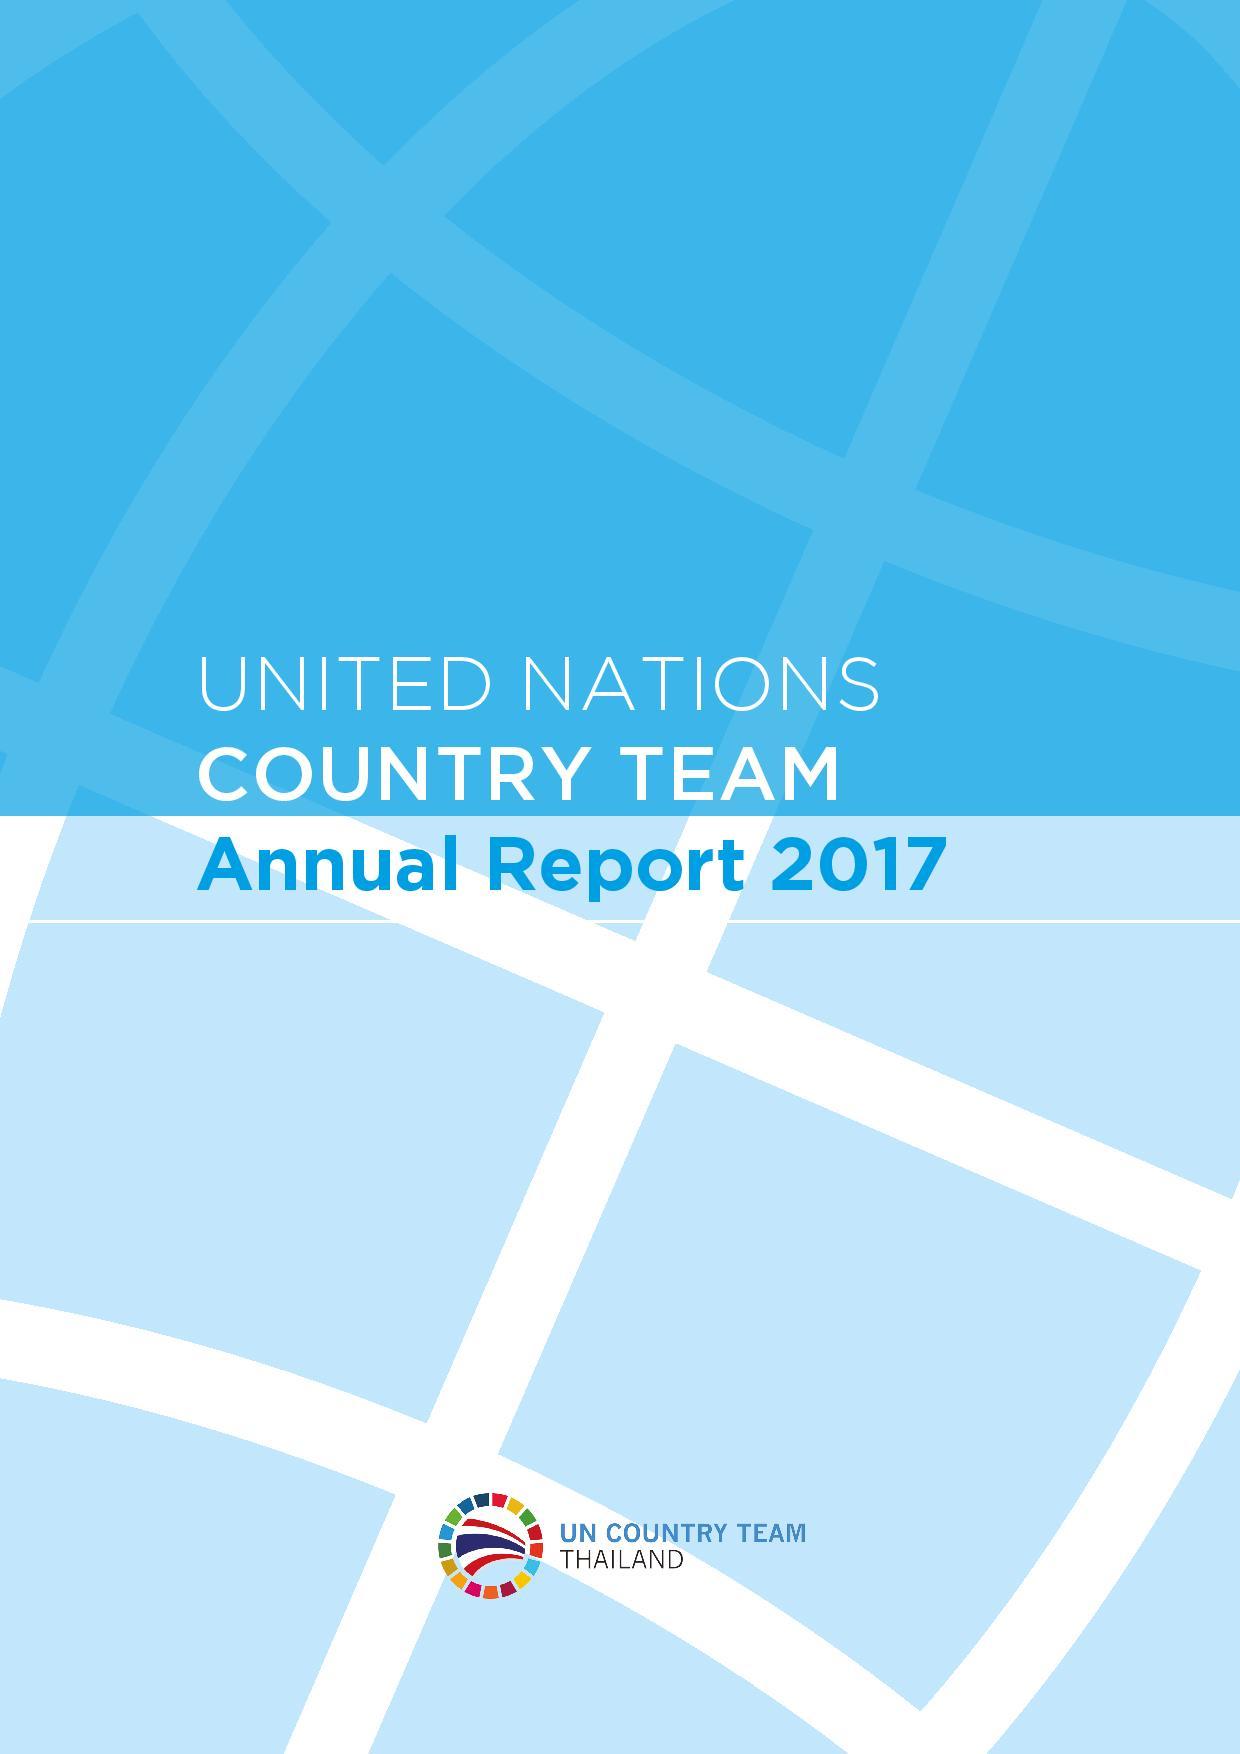 UN Thailand Annual Report 2017